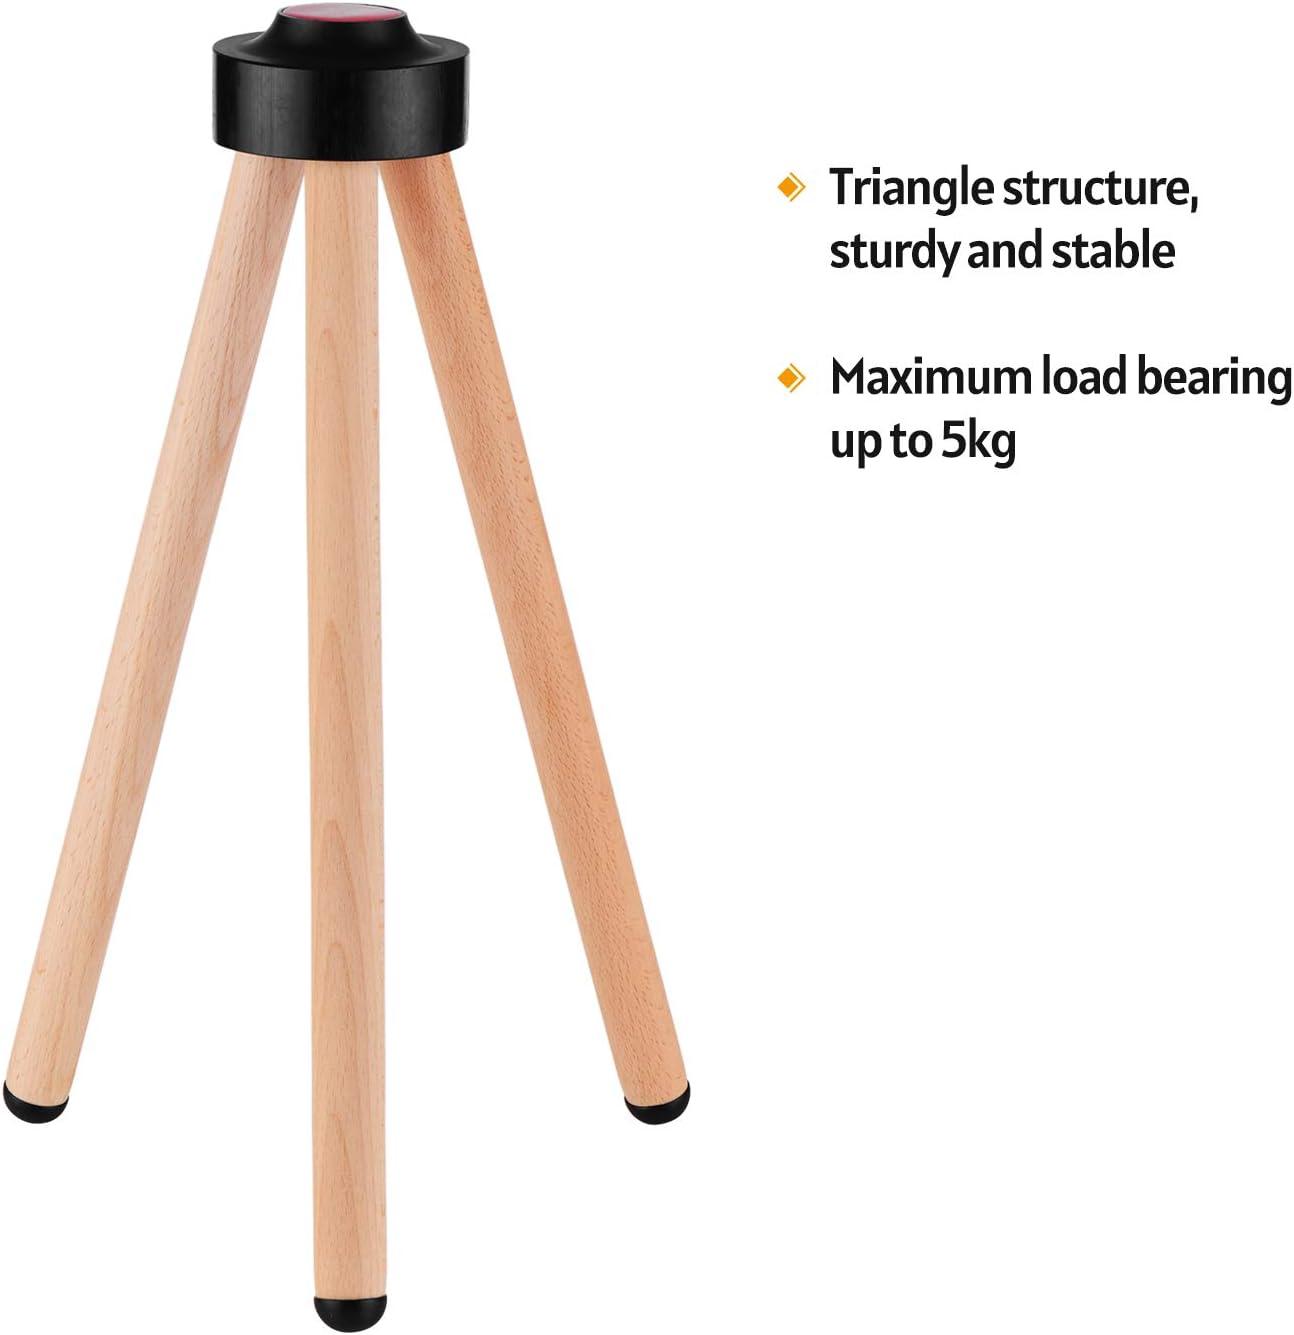 negaor Support de plancher de haut-parleur intelligent Support de haut-parleur en bois massif Remplacement daccessoire de haut-parleur intelligent pour HomePod support de sol homepod